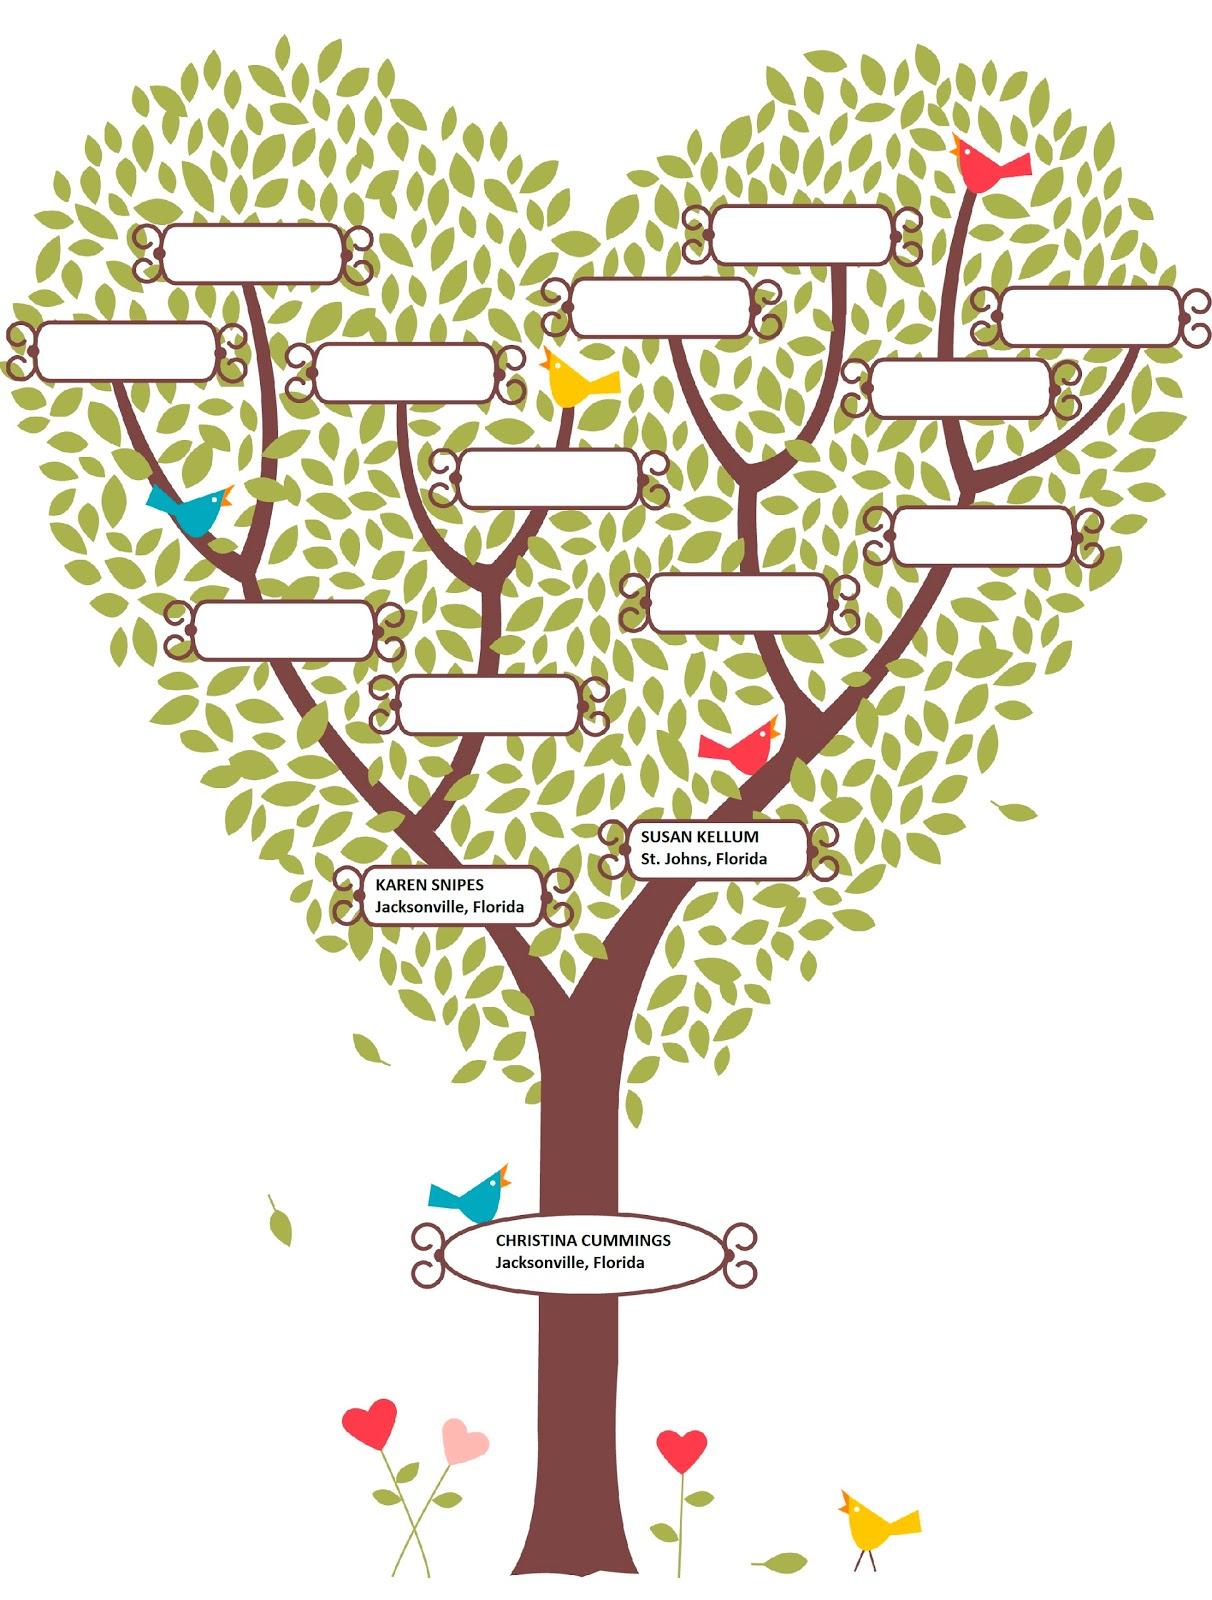 20+ Family Tree Templates & Chart Layouts |Empty Family Tree